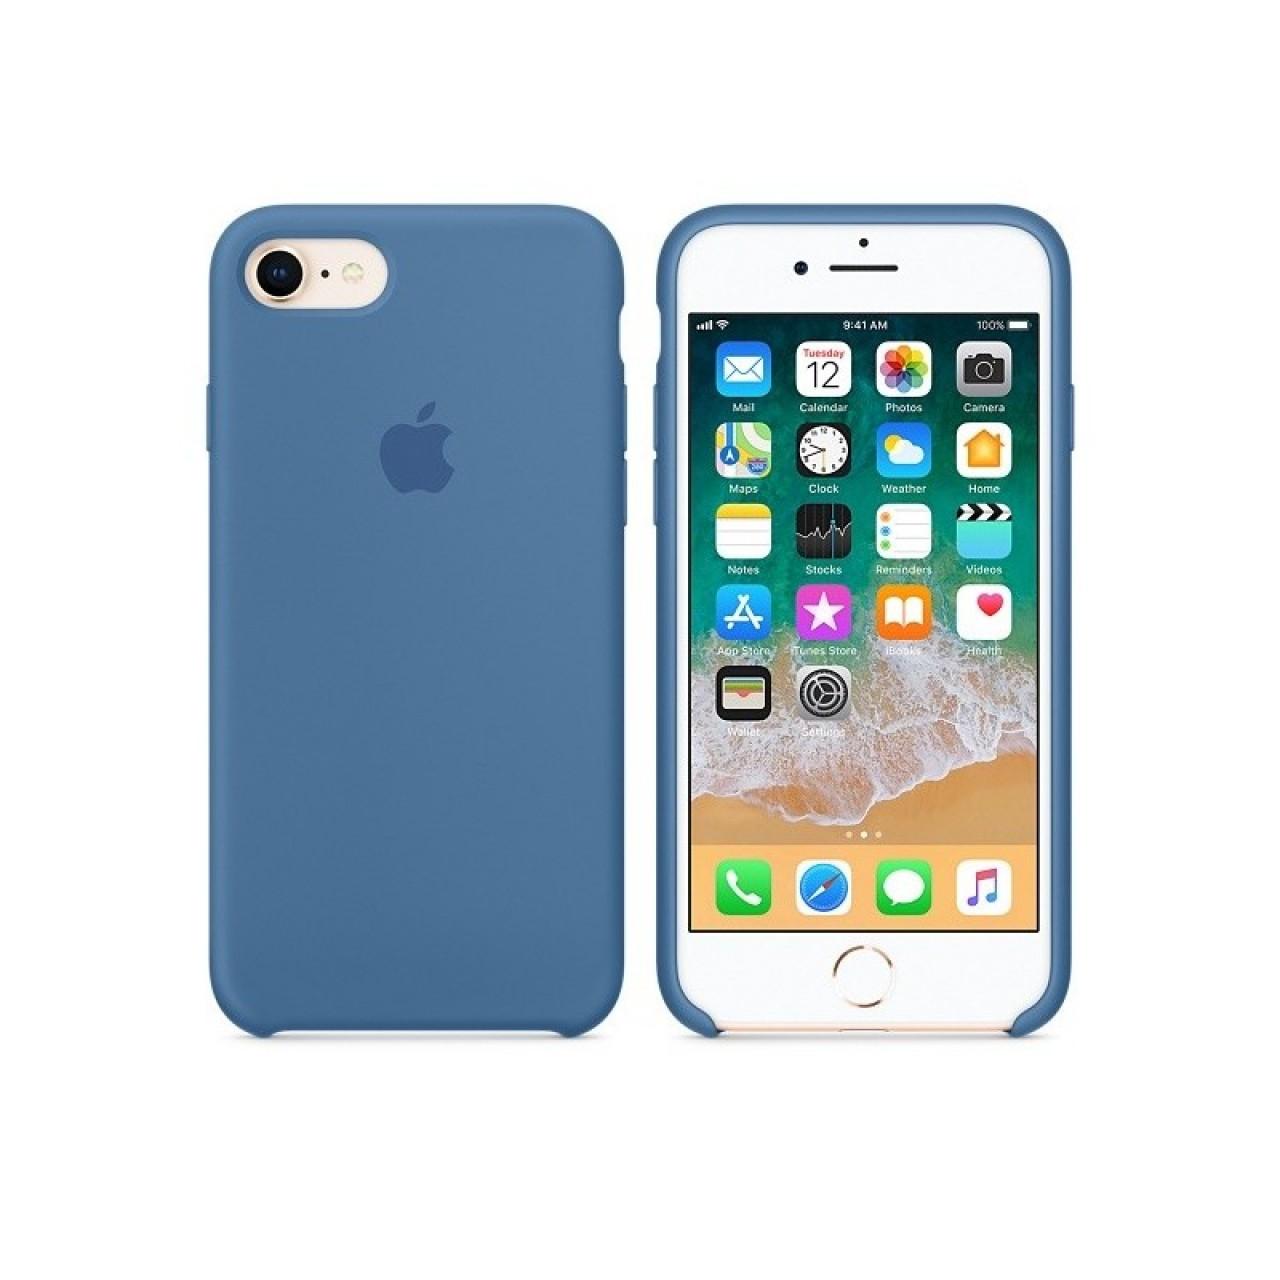 ΘΗΚΗ ΠΡΟΣΤΑΣΙΑΣ ΣΙΛΙΚΟΝΗΣ ΓΙΑ IPHONE 7 / 8 / SE 2020 ΜΠΛΕ ΠΑΣΤΕΛ - BACK COVER SILICON CASE DENIM BLUE - OEM